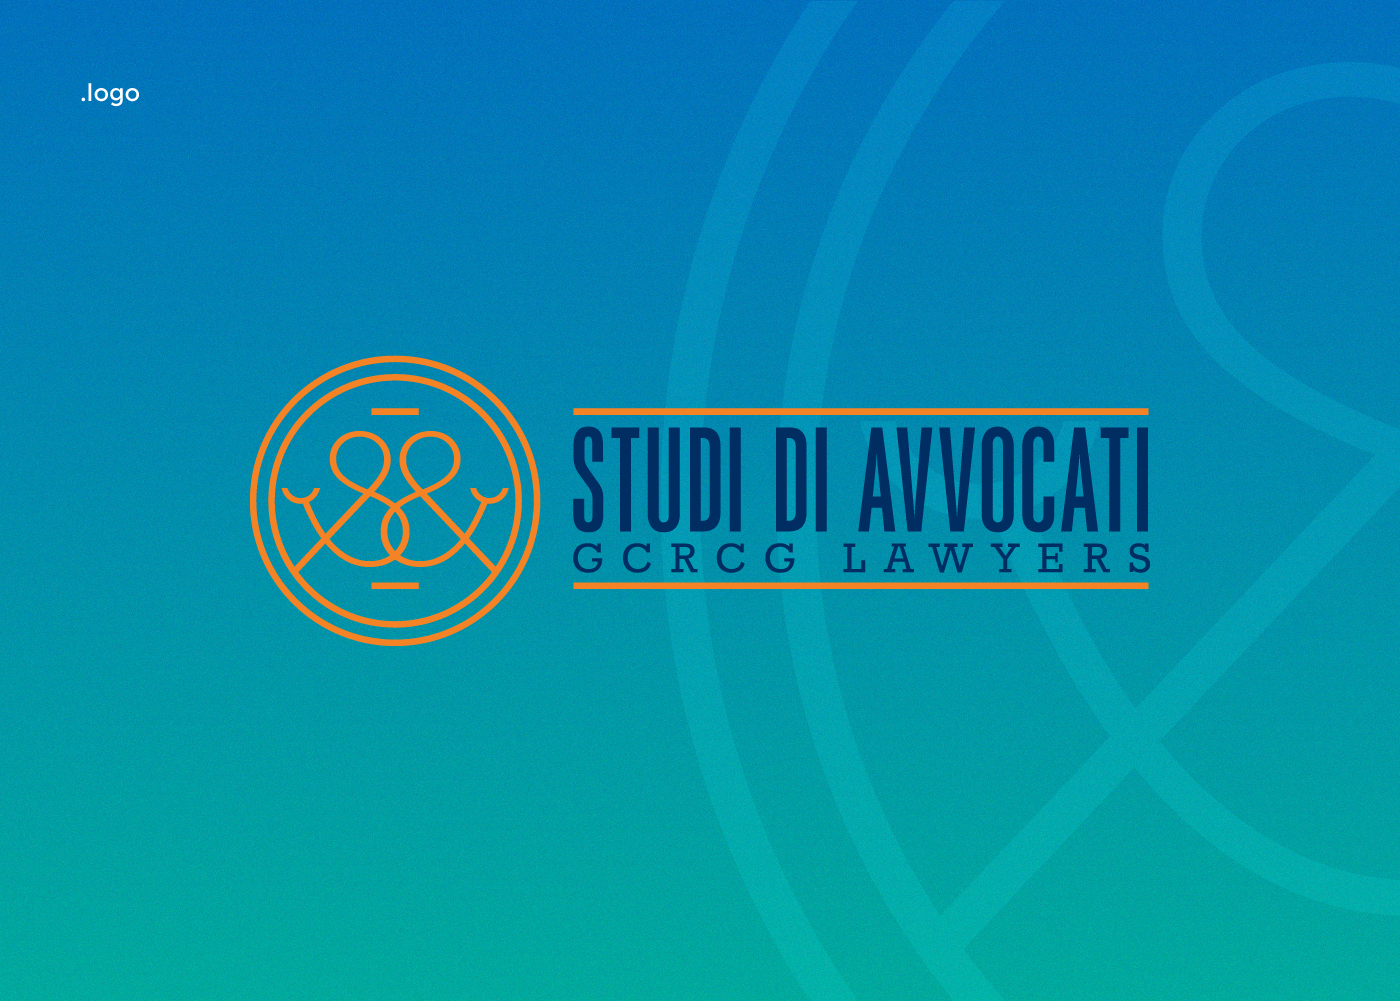 Studi_di_avvocati_01